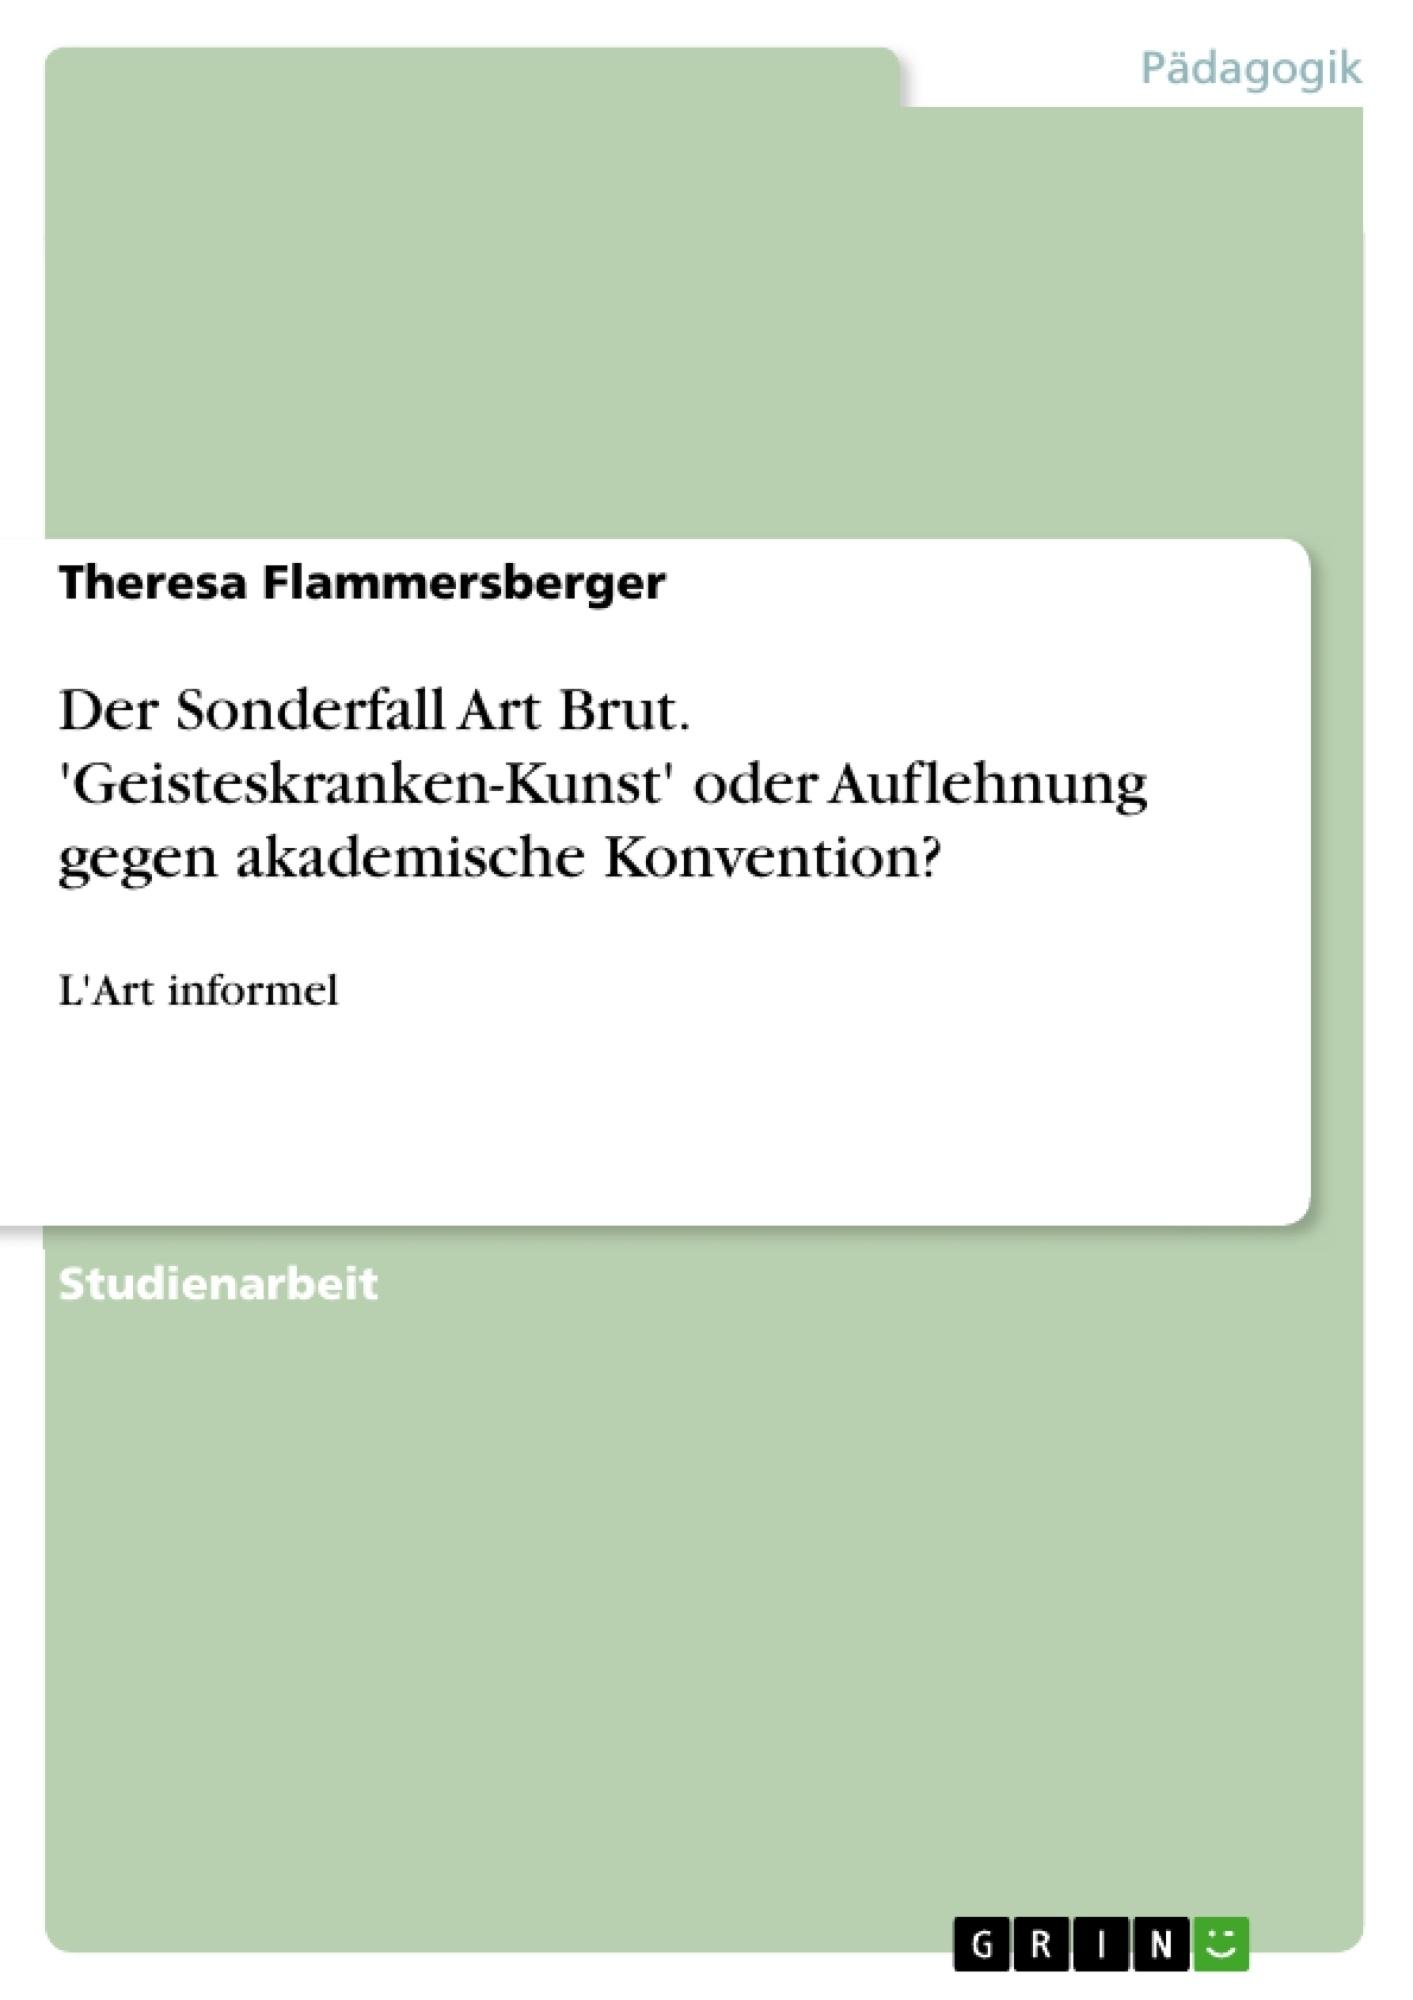 Titel: Der Sonderfall Art Brut. 'Geisteskranken-Kunst' oder Auflehnung gegen akademische Konvention?